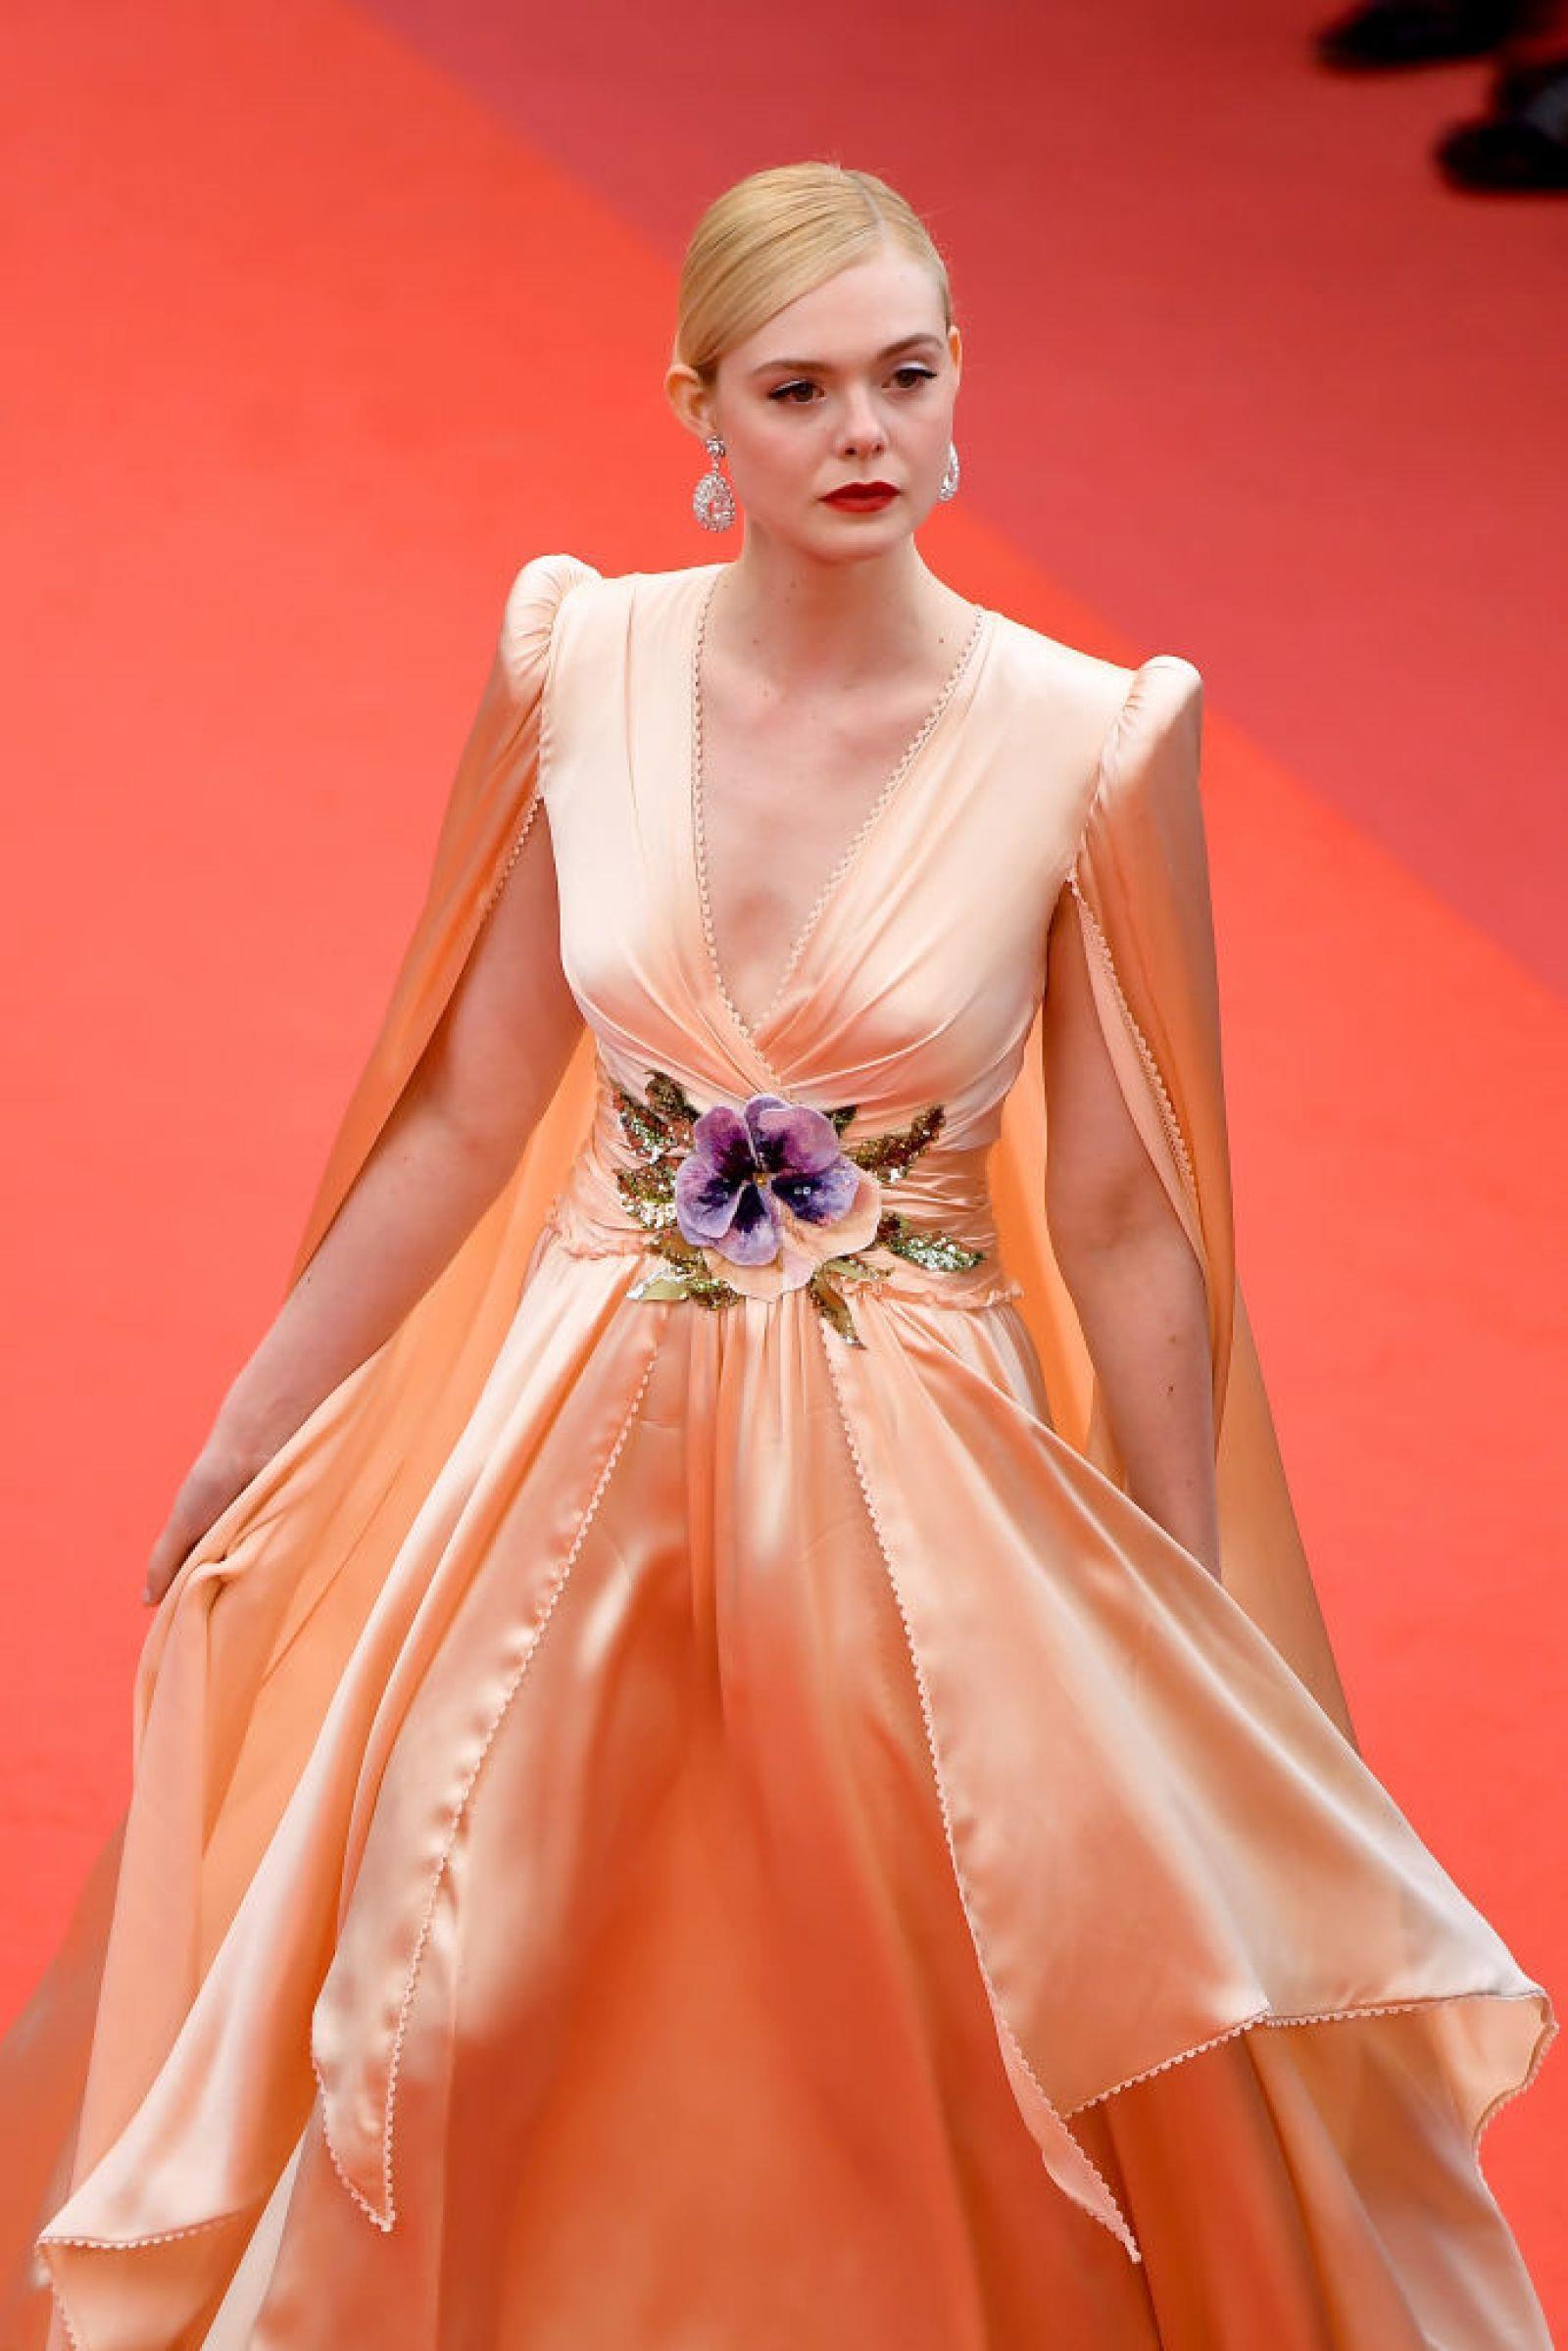 Elle Fanning - tiểu thư yêu kiều giữa dàn sao mặc lố tại Cannes Ảnh 3